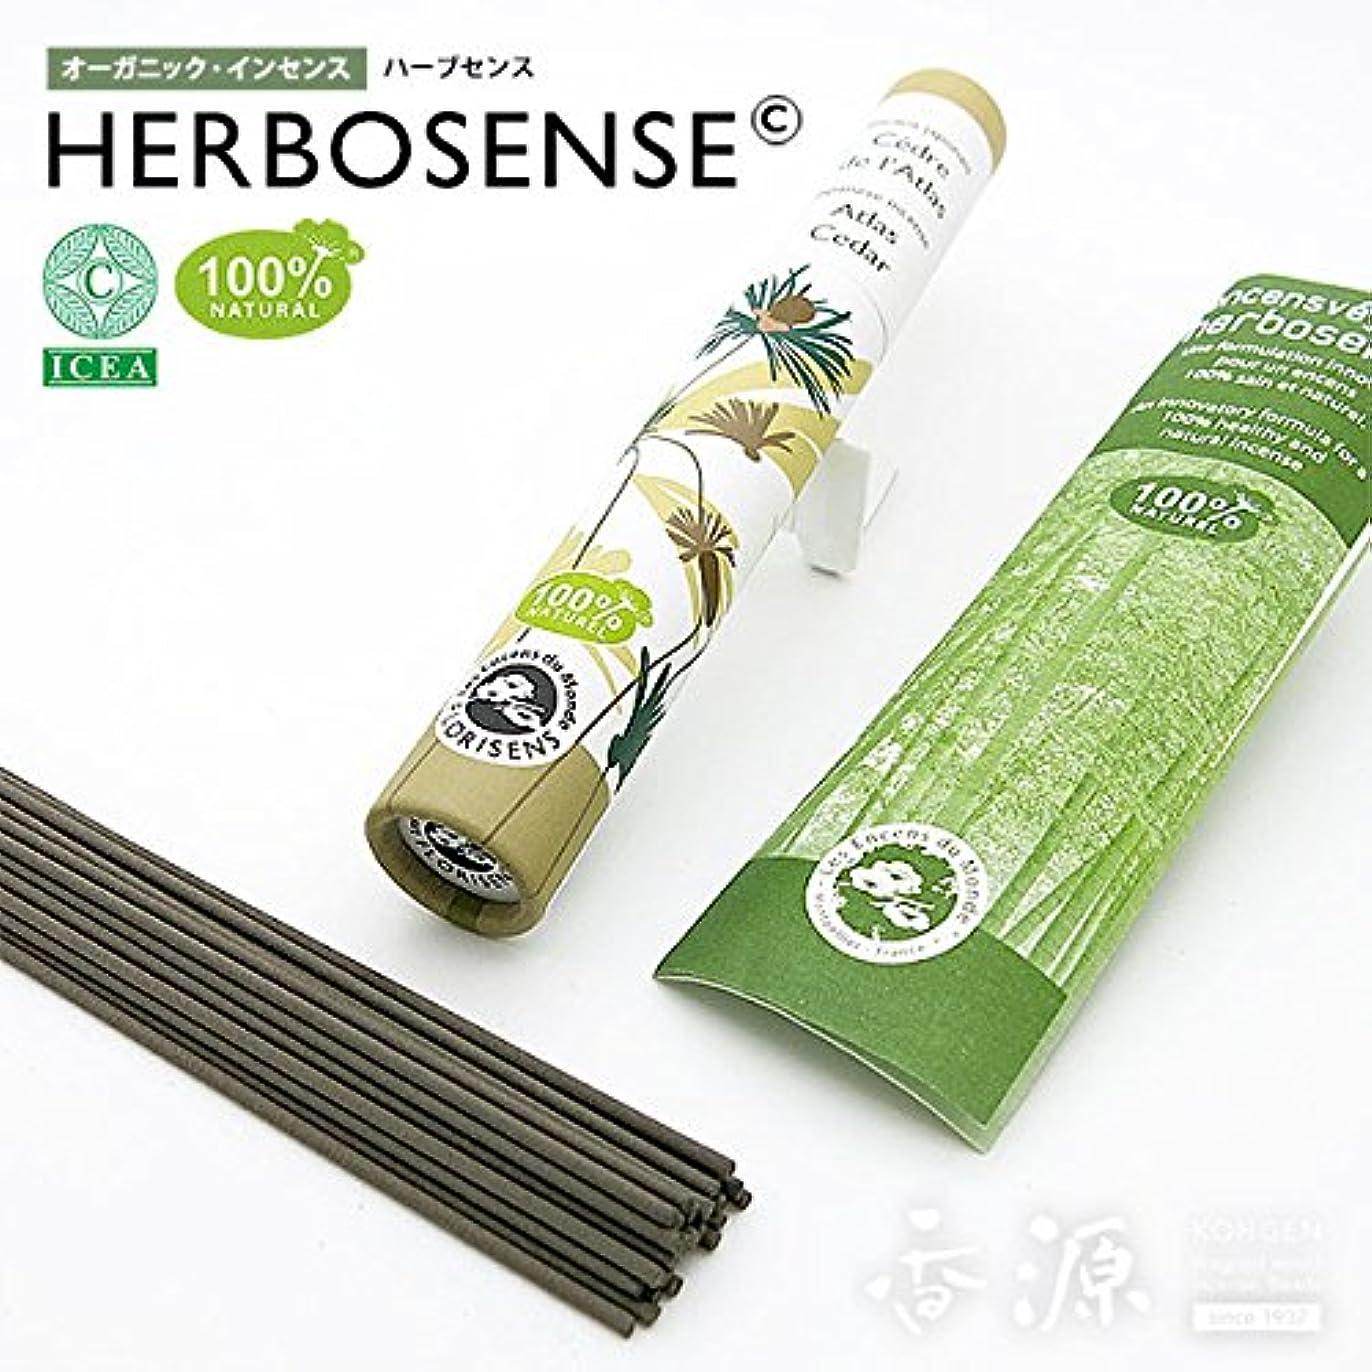 薫寿堂のお香 ハーブセンス アトラスセダー